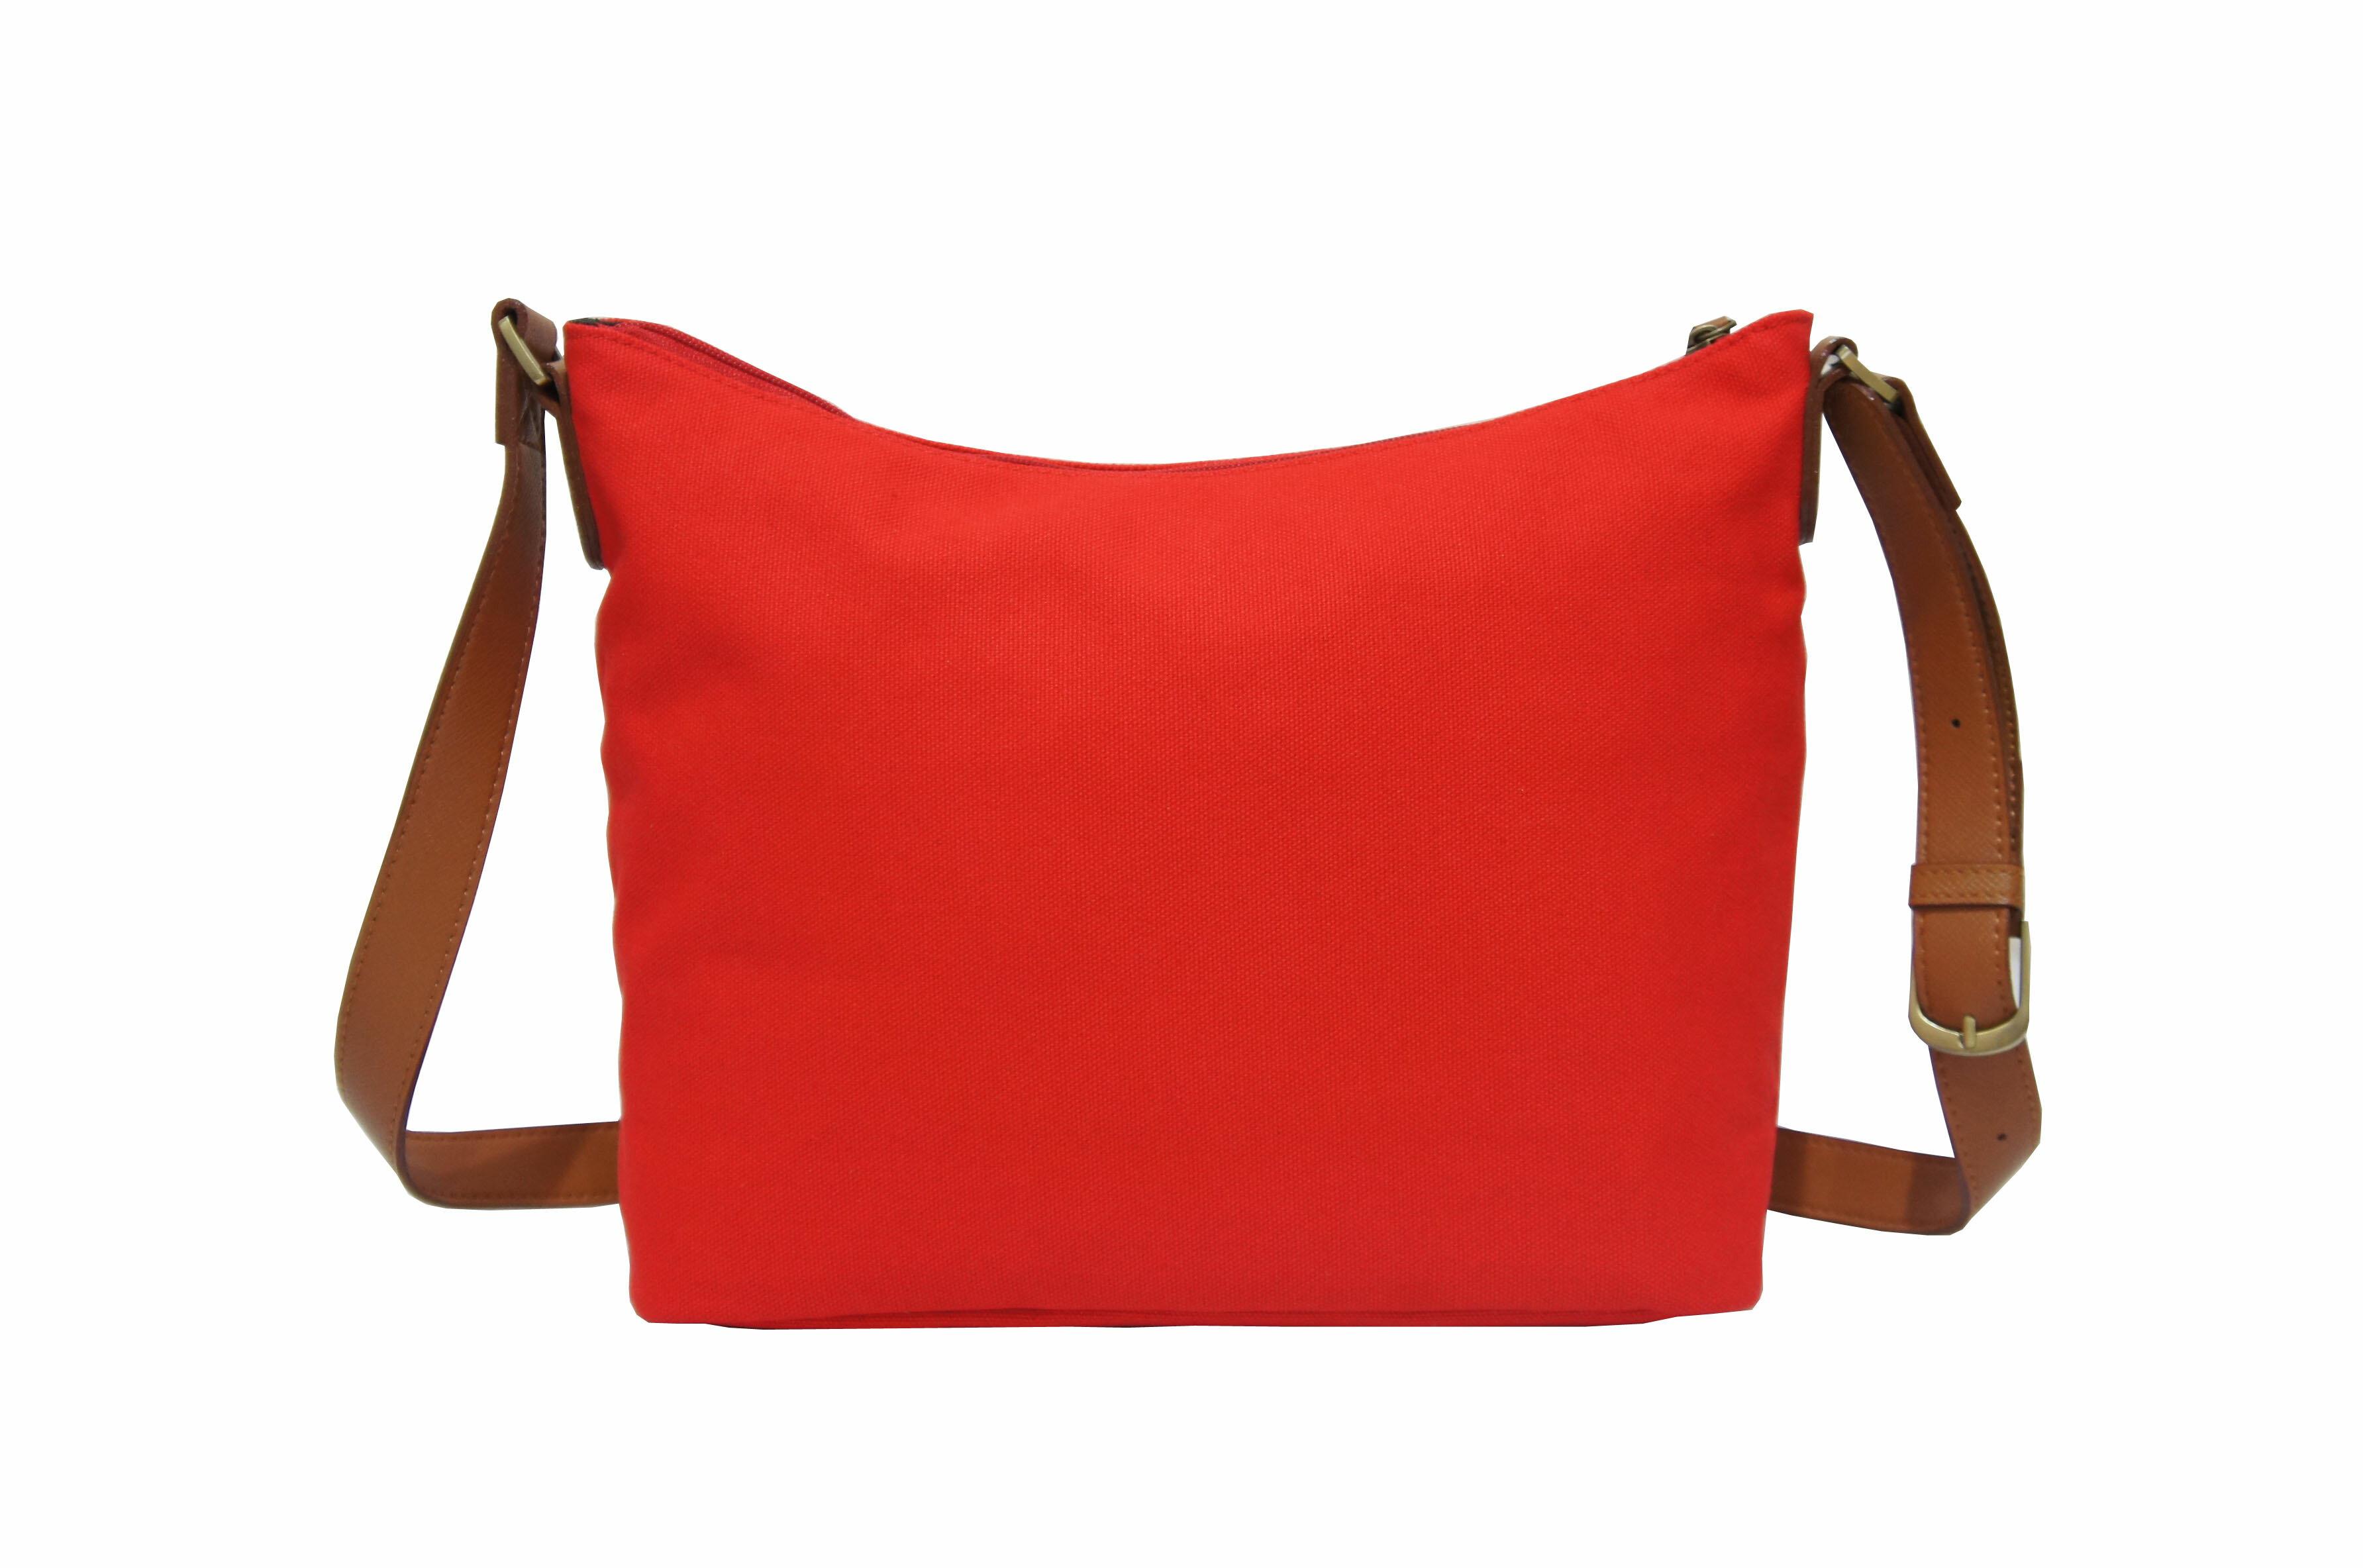 CP024帆布手提肩背包共2色 紅 / 馬卡龍綠 4